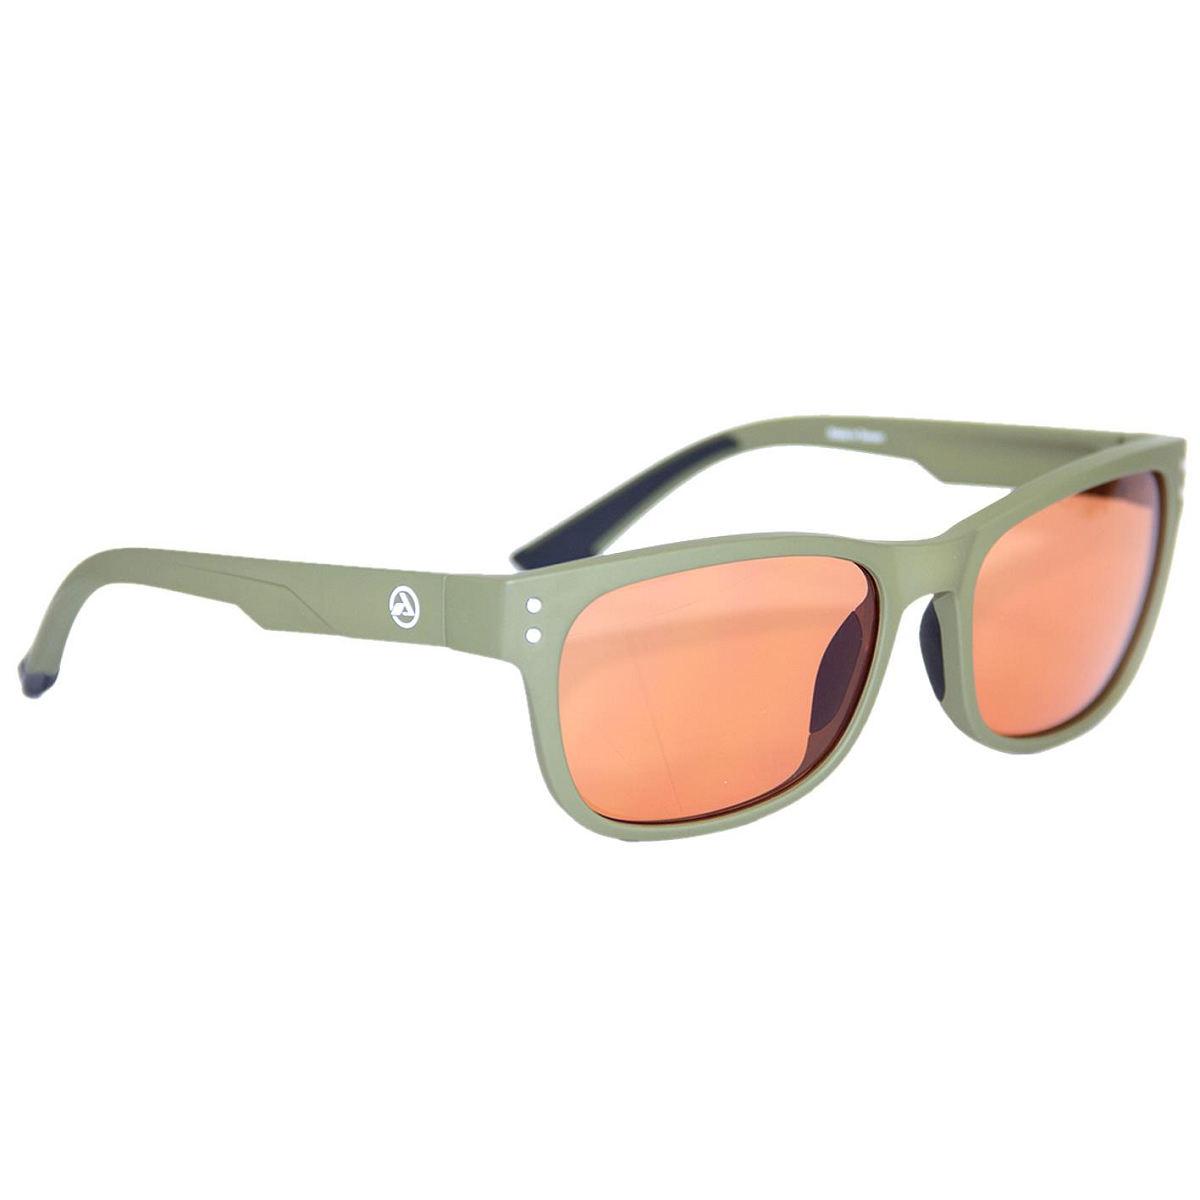 Oculos Absolute After Oliva Lente Marrom